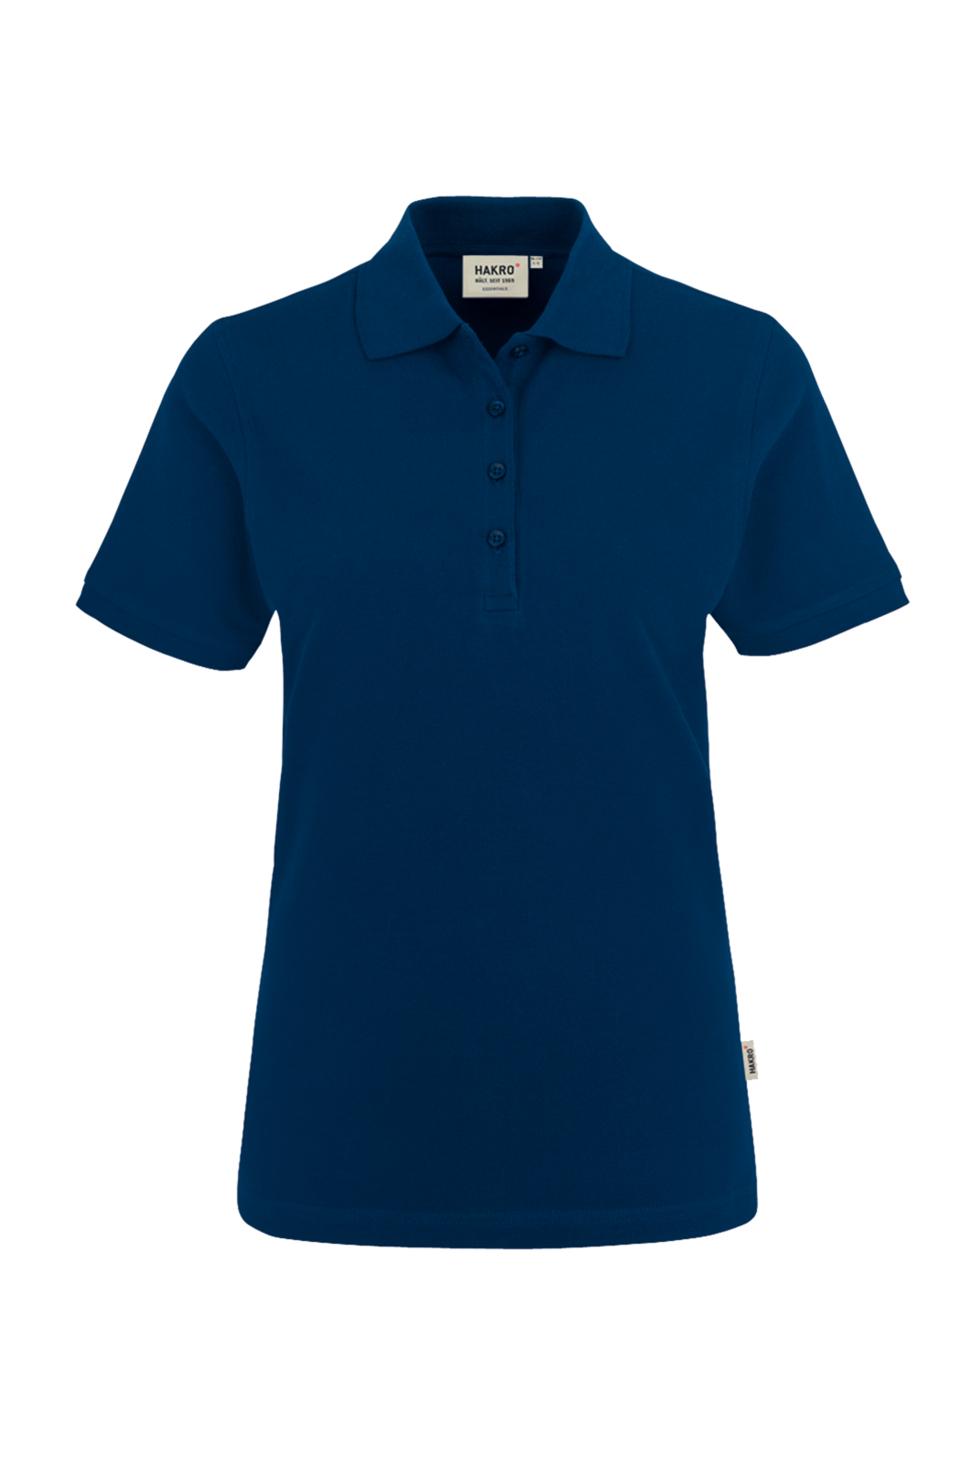 No110 - Damen-Poloshirt Classic